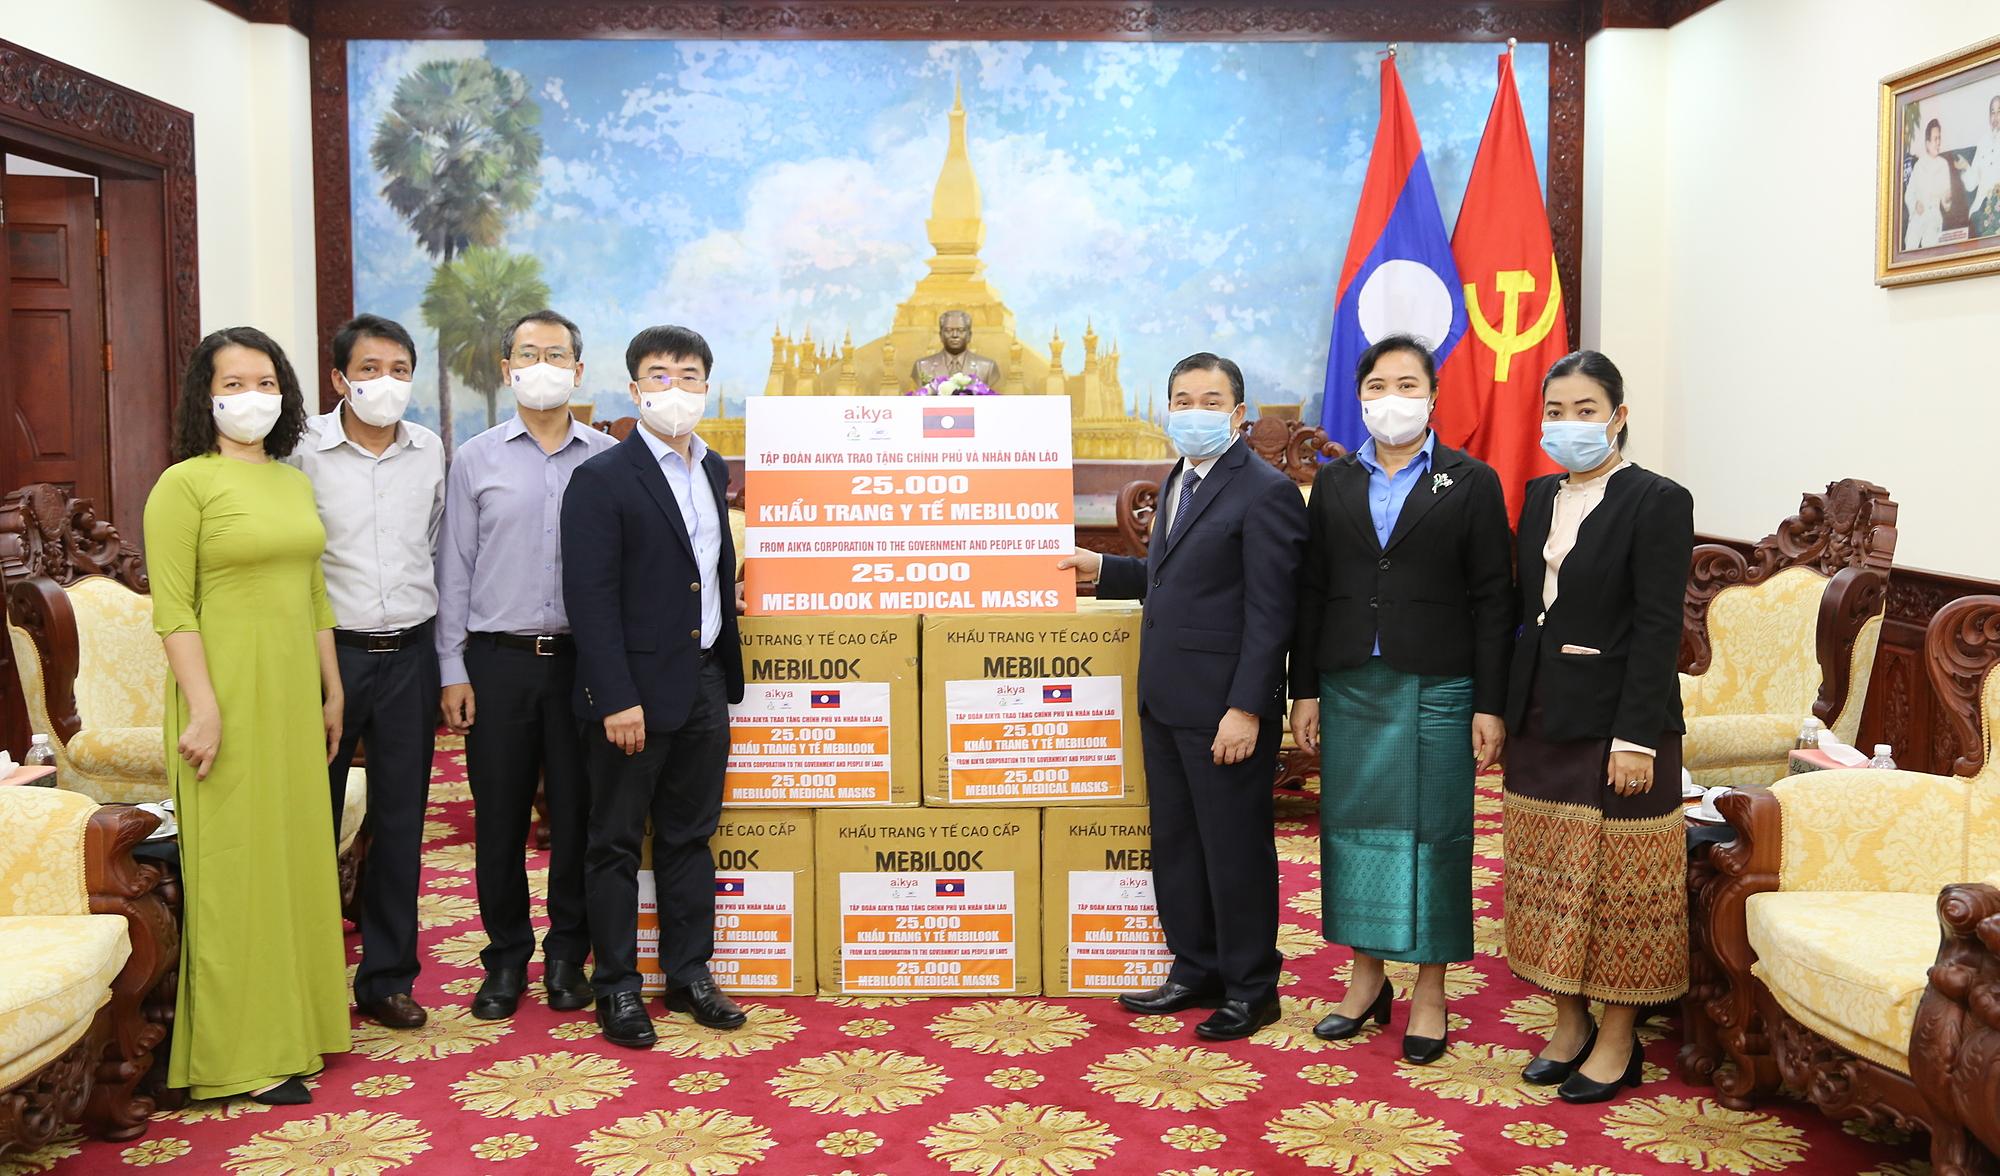 Đại diện Đại sứ Lào (bìa phải) nhậnTập đoàn AIKYA hỗ trợ vật tư y tế cho Chính phủ và người dân Lào.